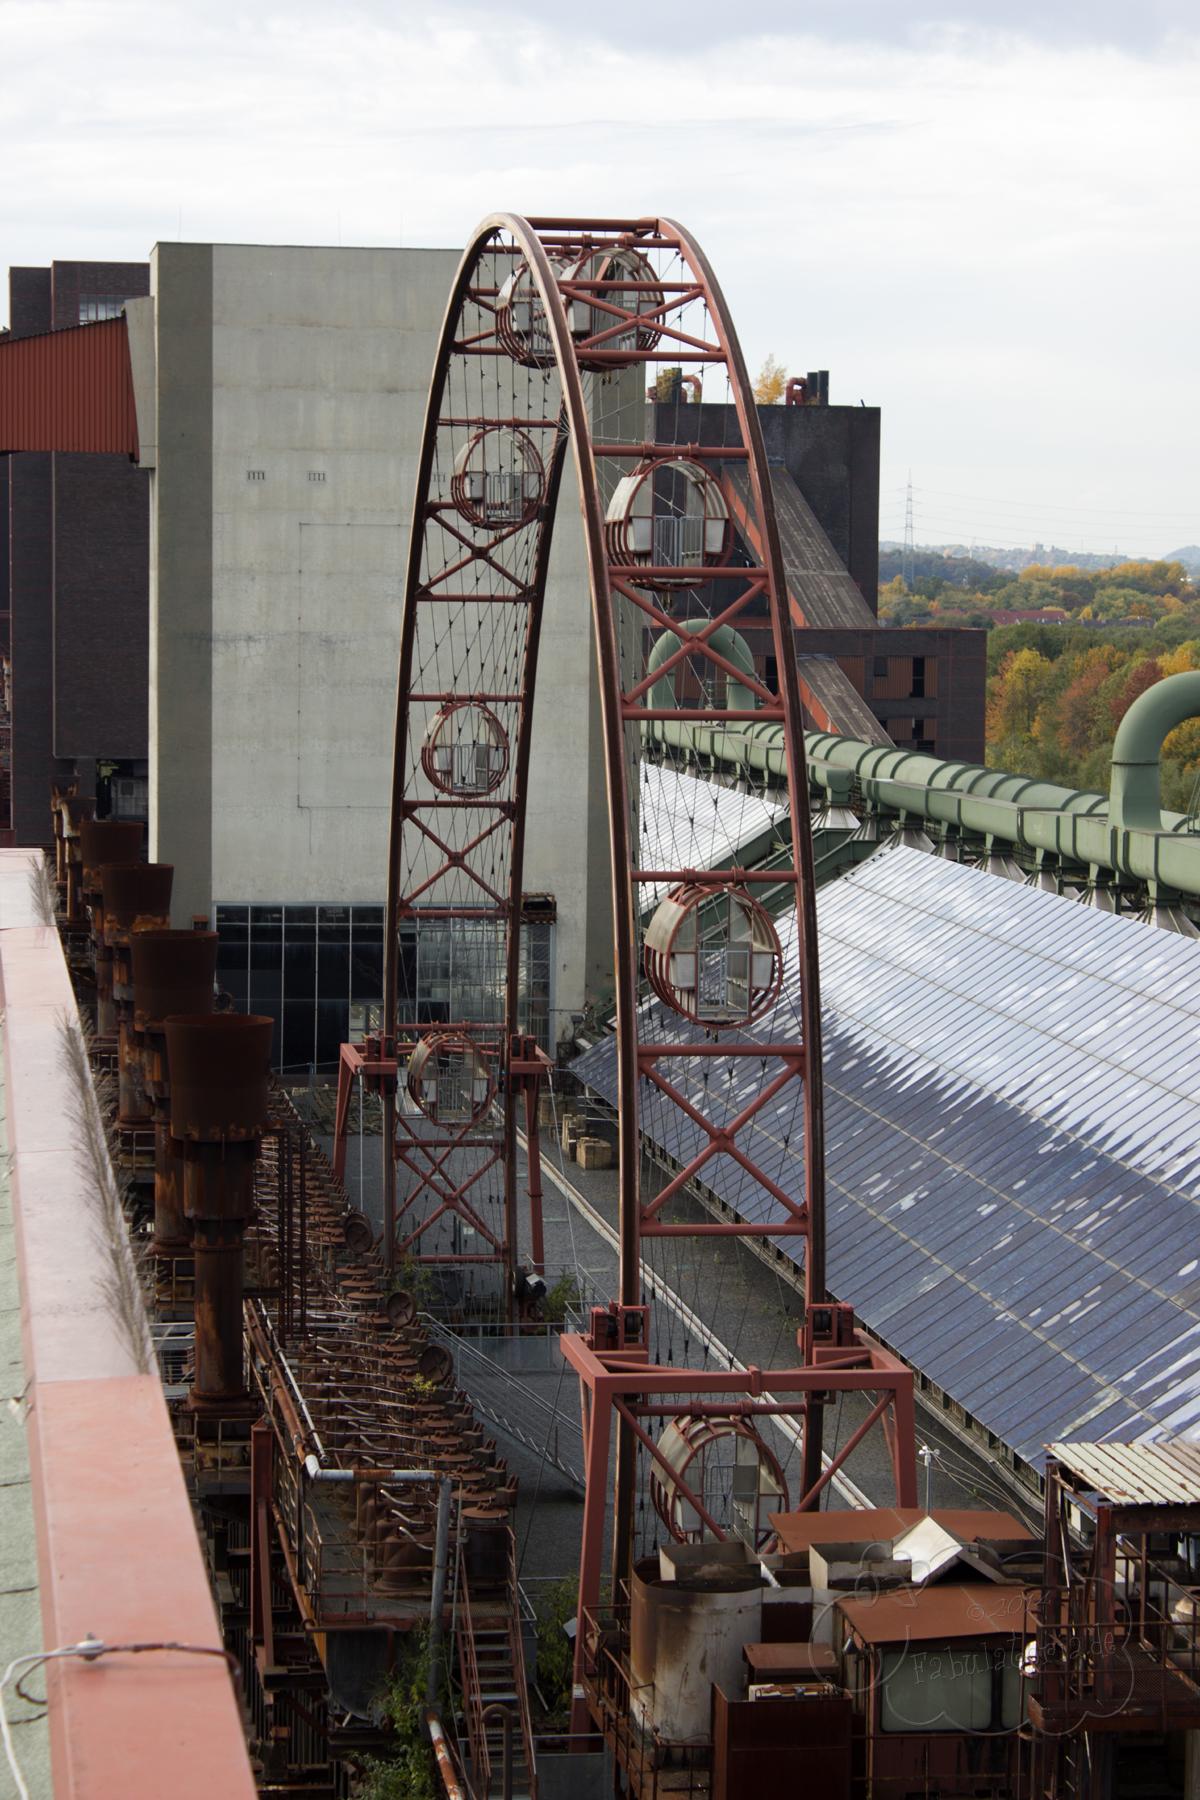 kokereizollverein026